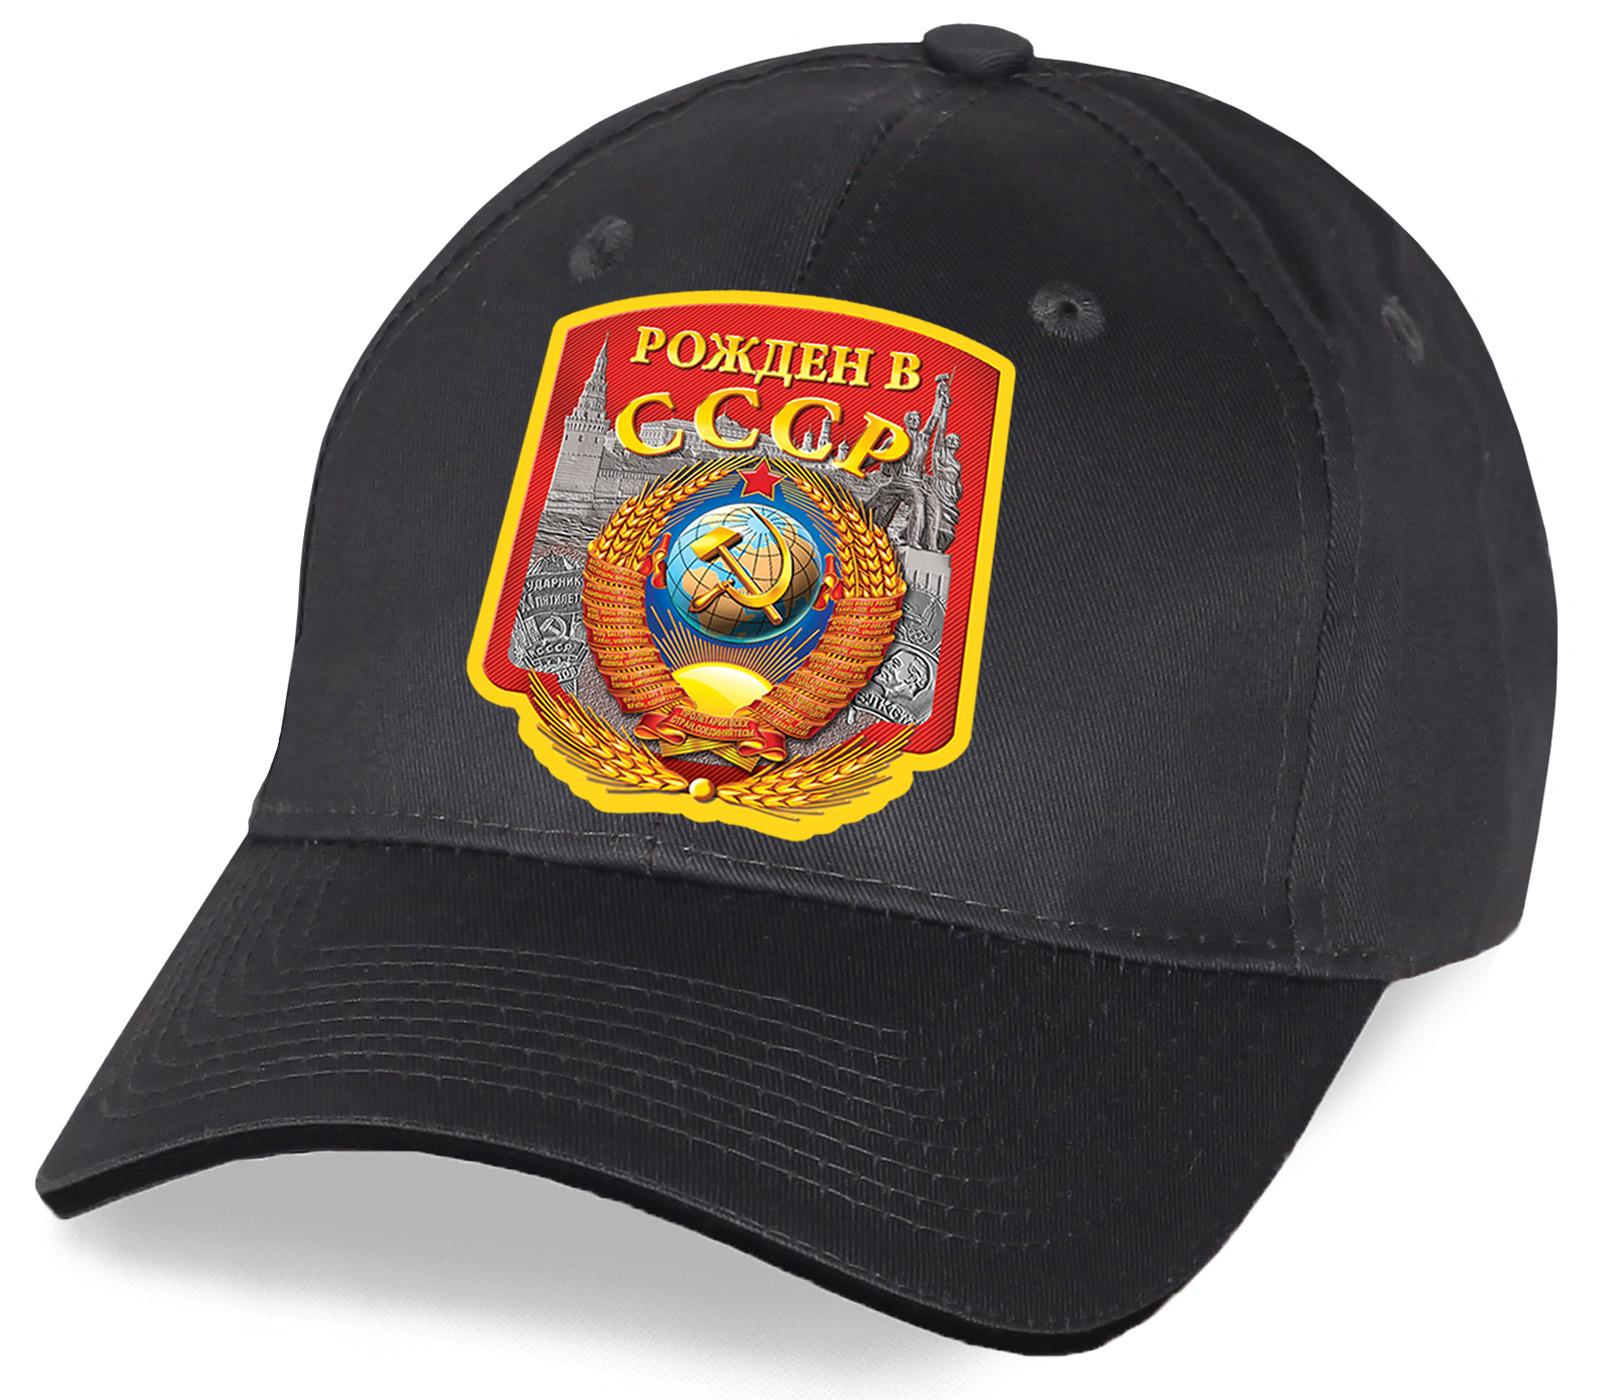 Кепка с авторской эмблемой «Рожден в СССР»